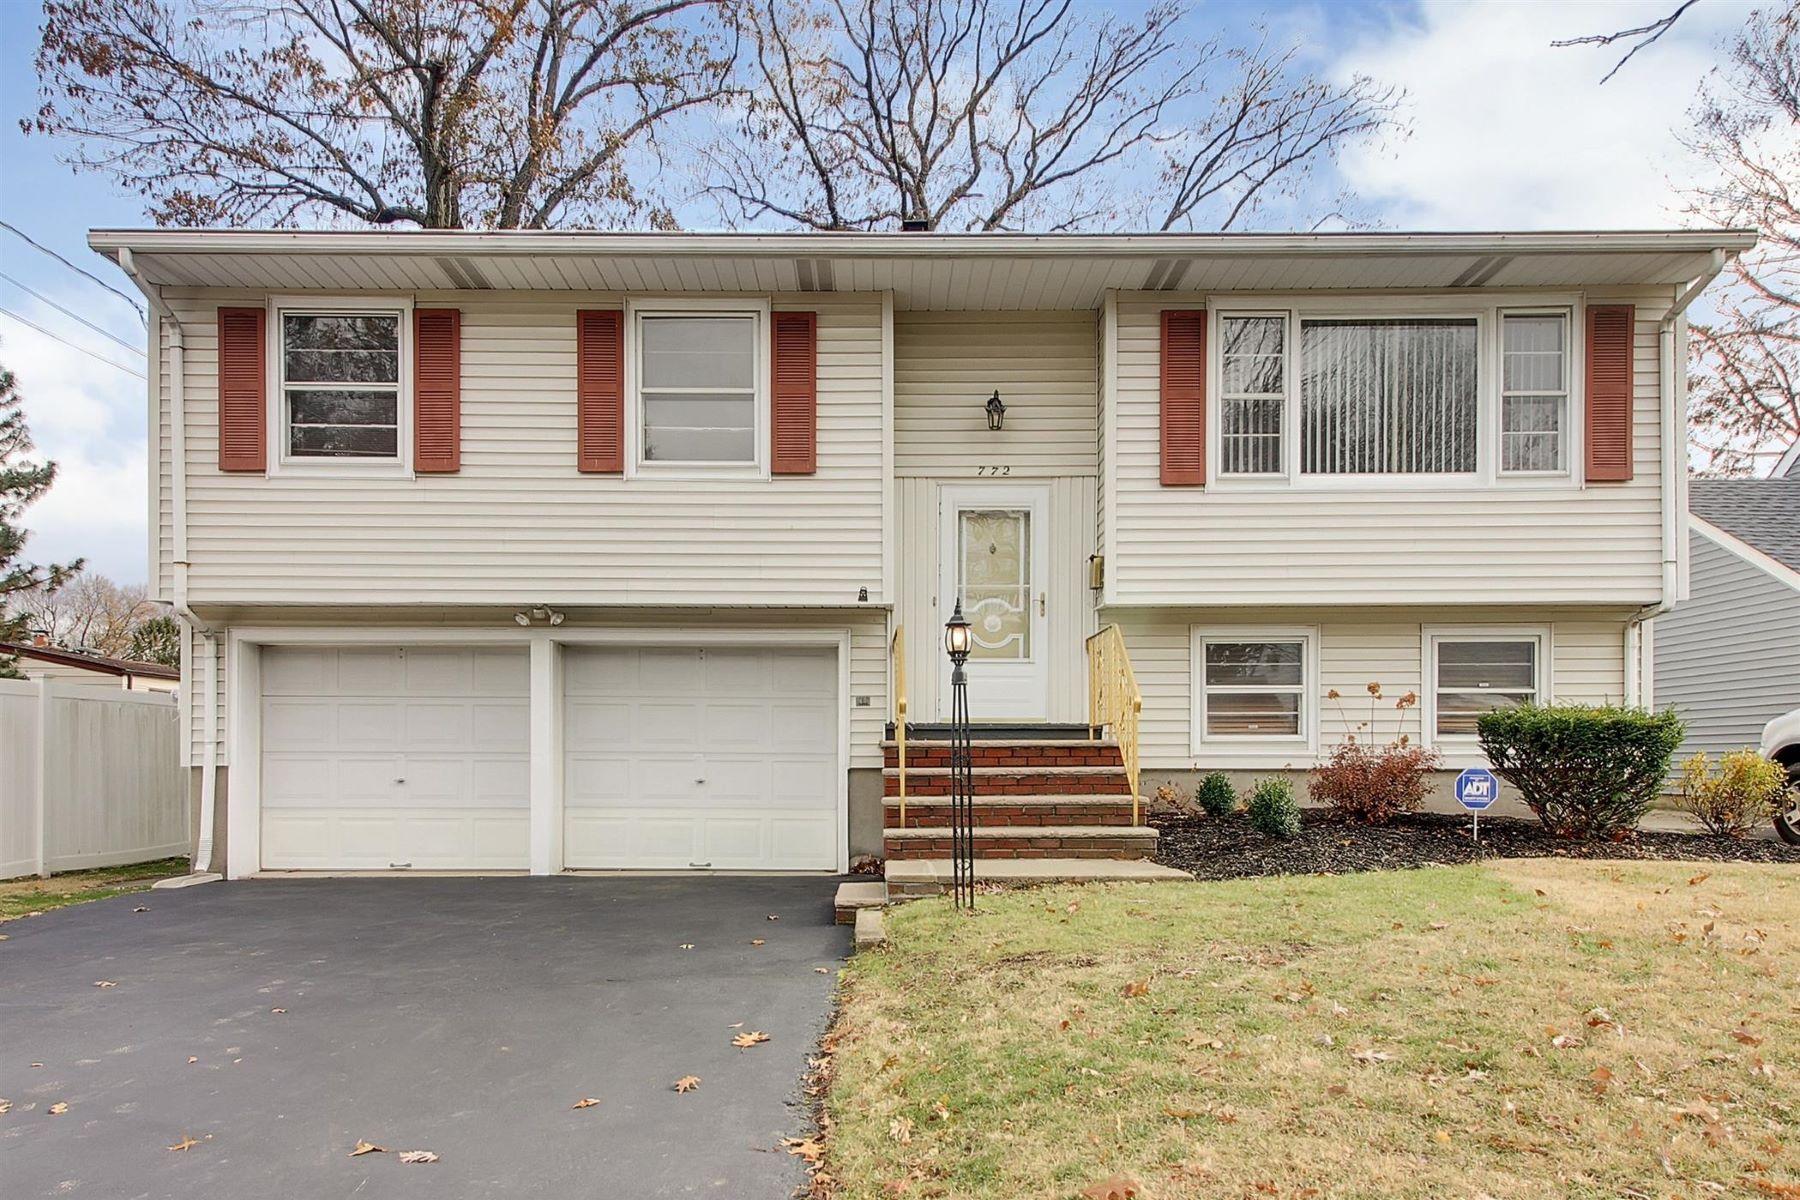 Maison unifamiliale pour l Vente à Open And Bright 772 Palmer Avenue, Maywood, New Jersey 07607 États-Unis